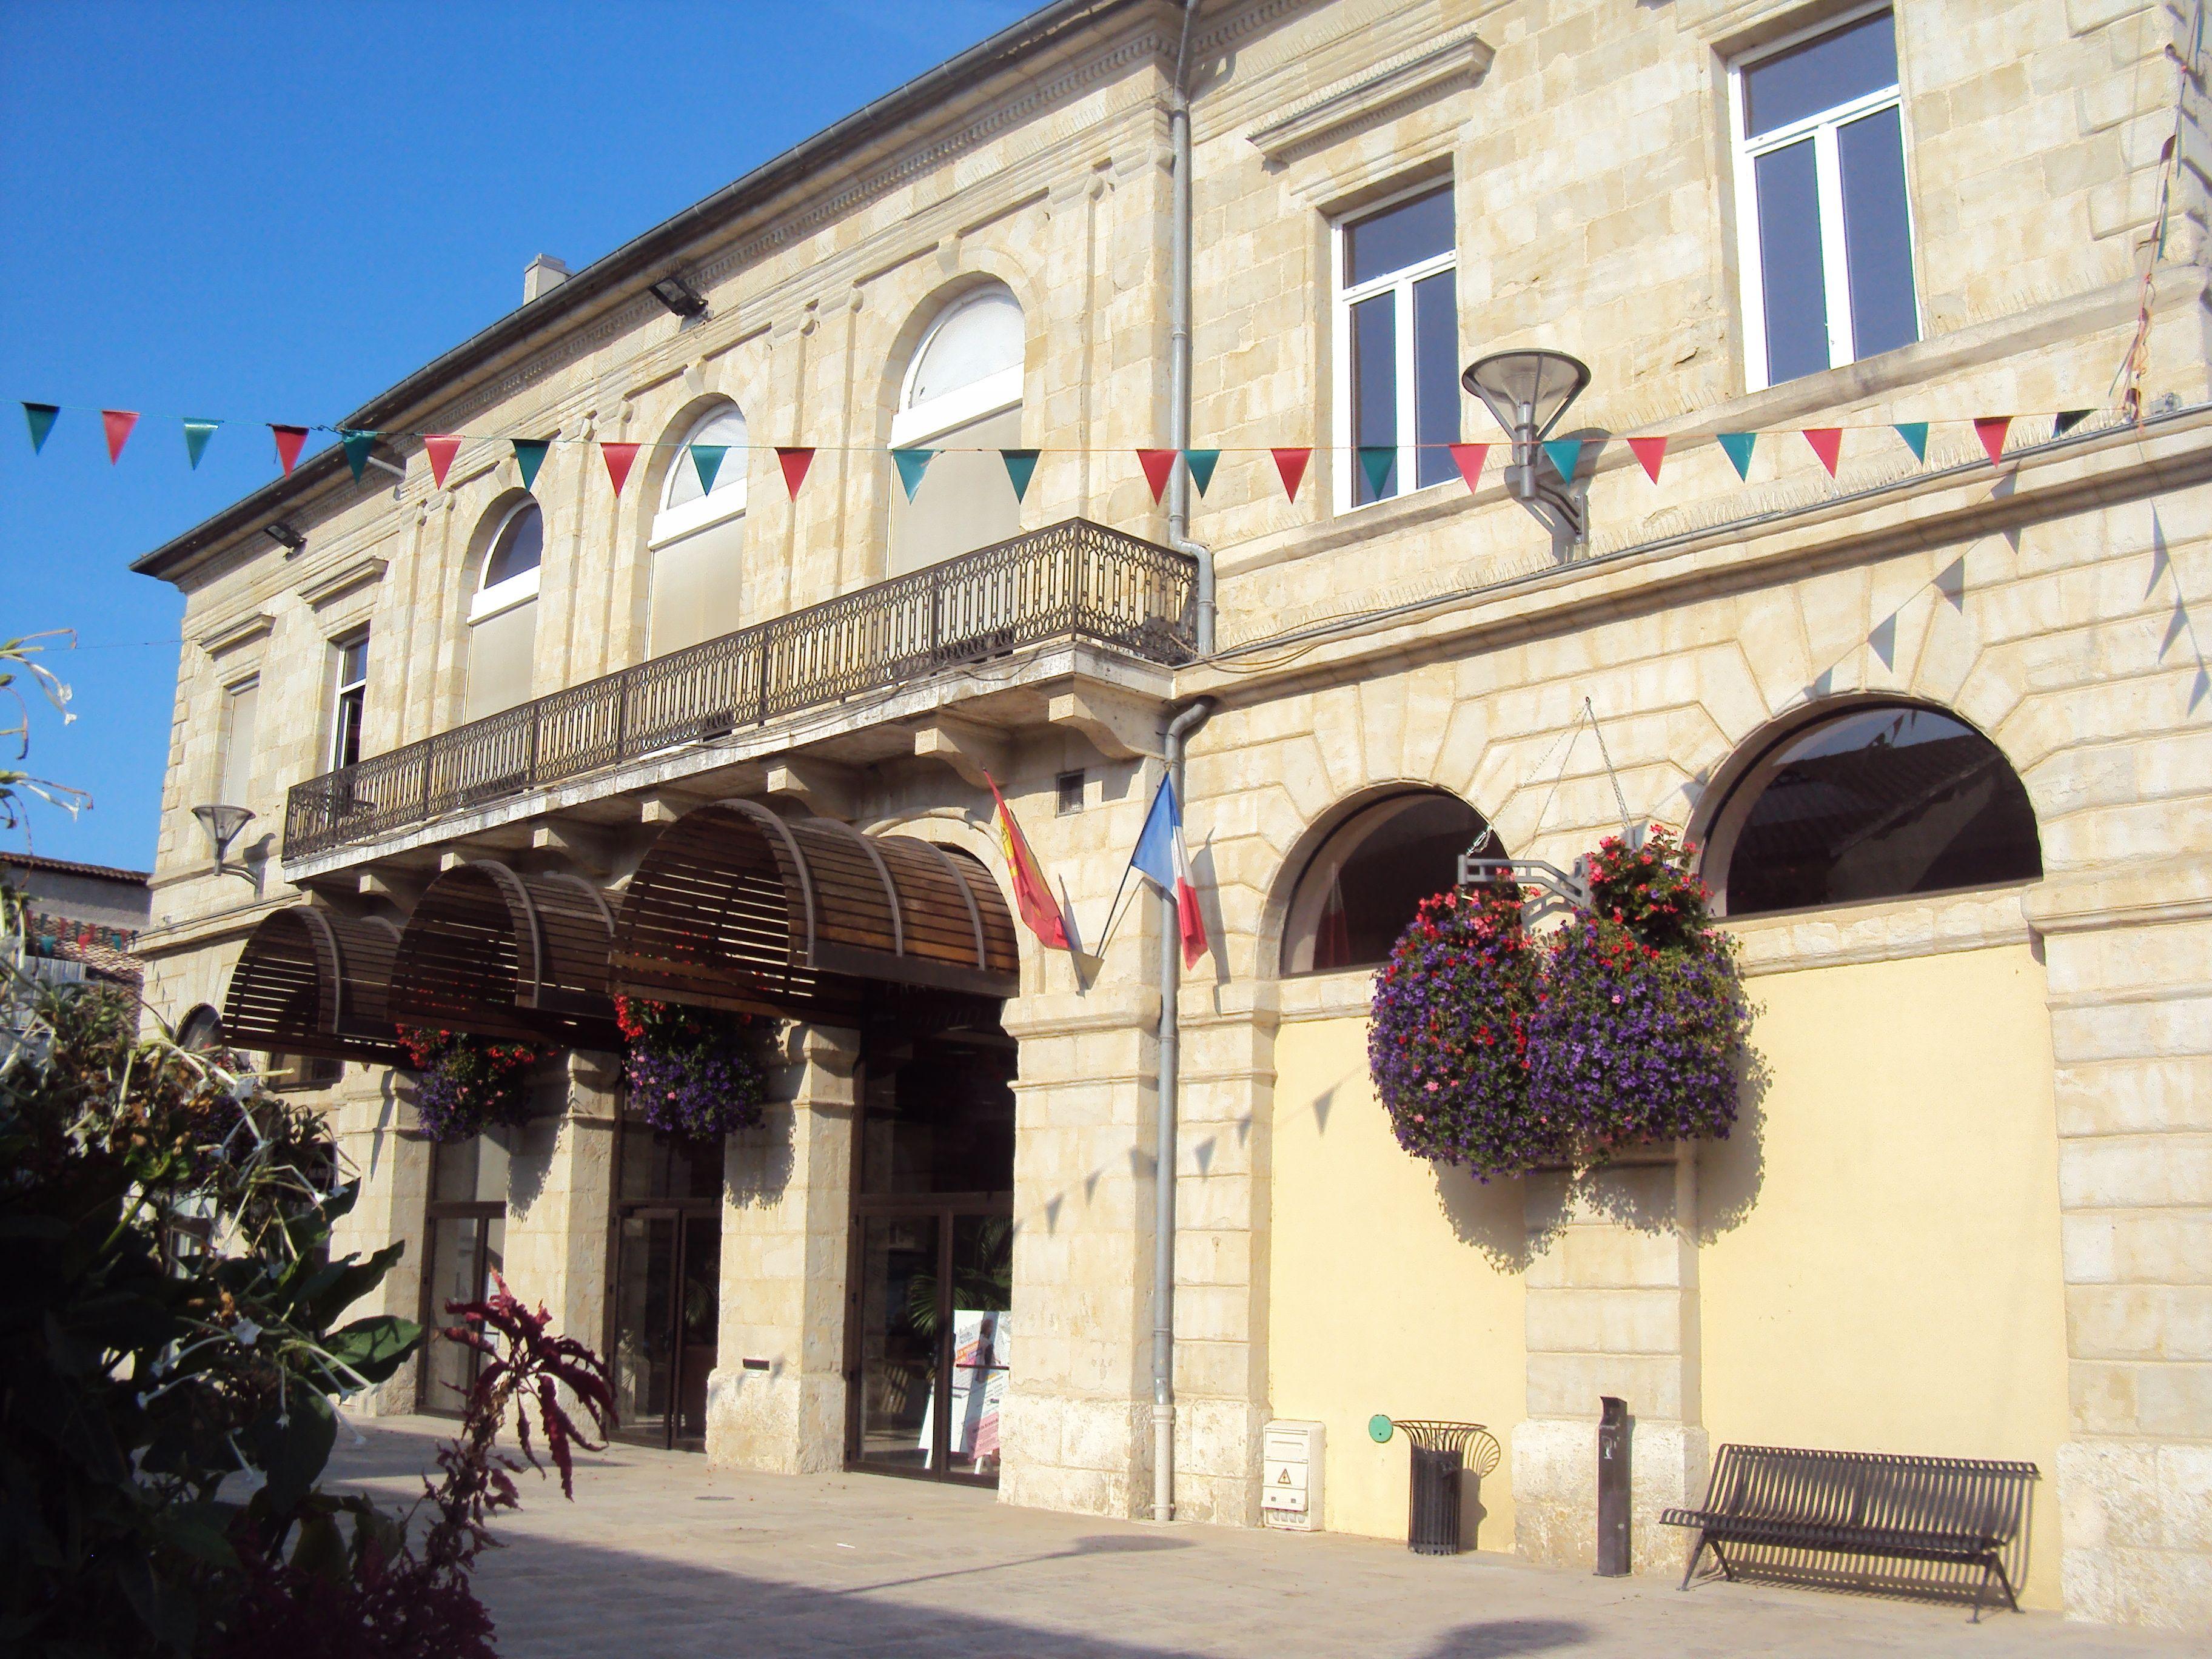 Hotel de Ville in Miramont-de-Guyenne